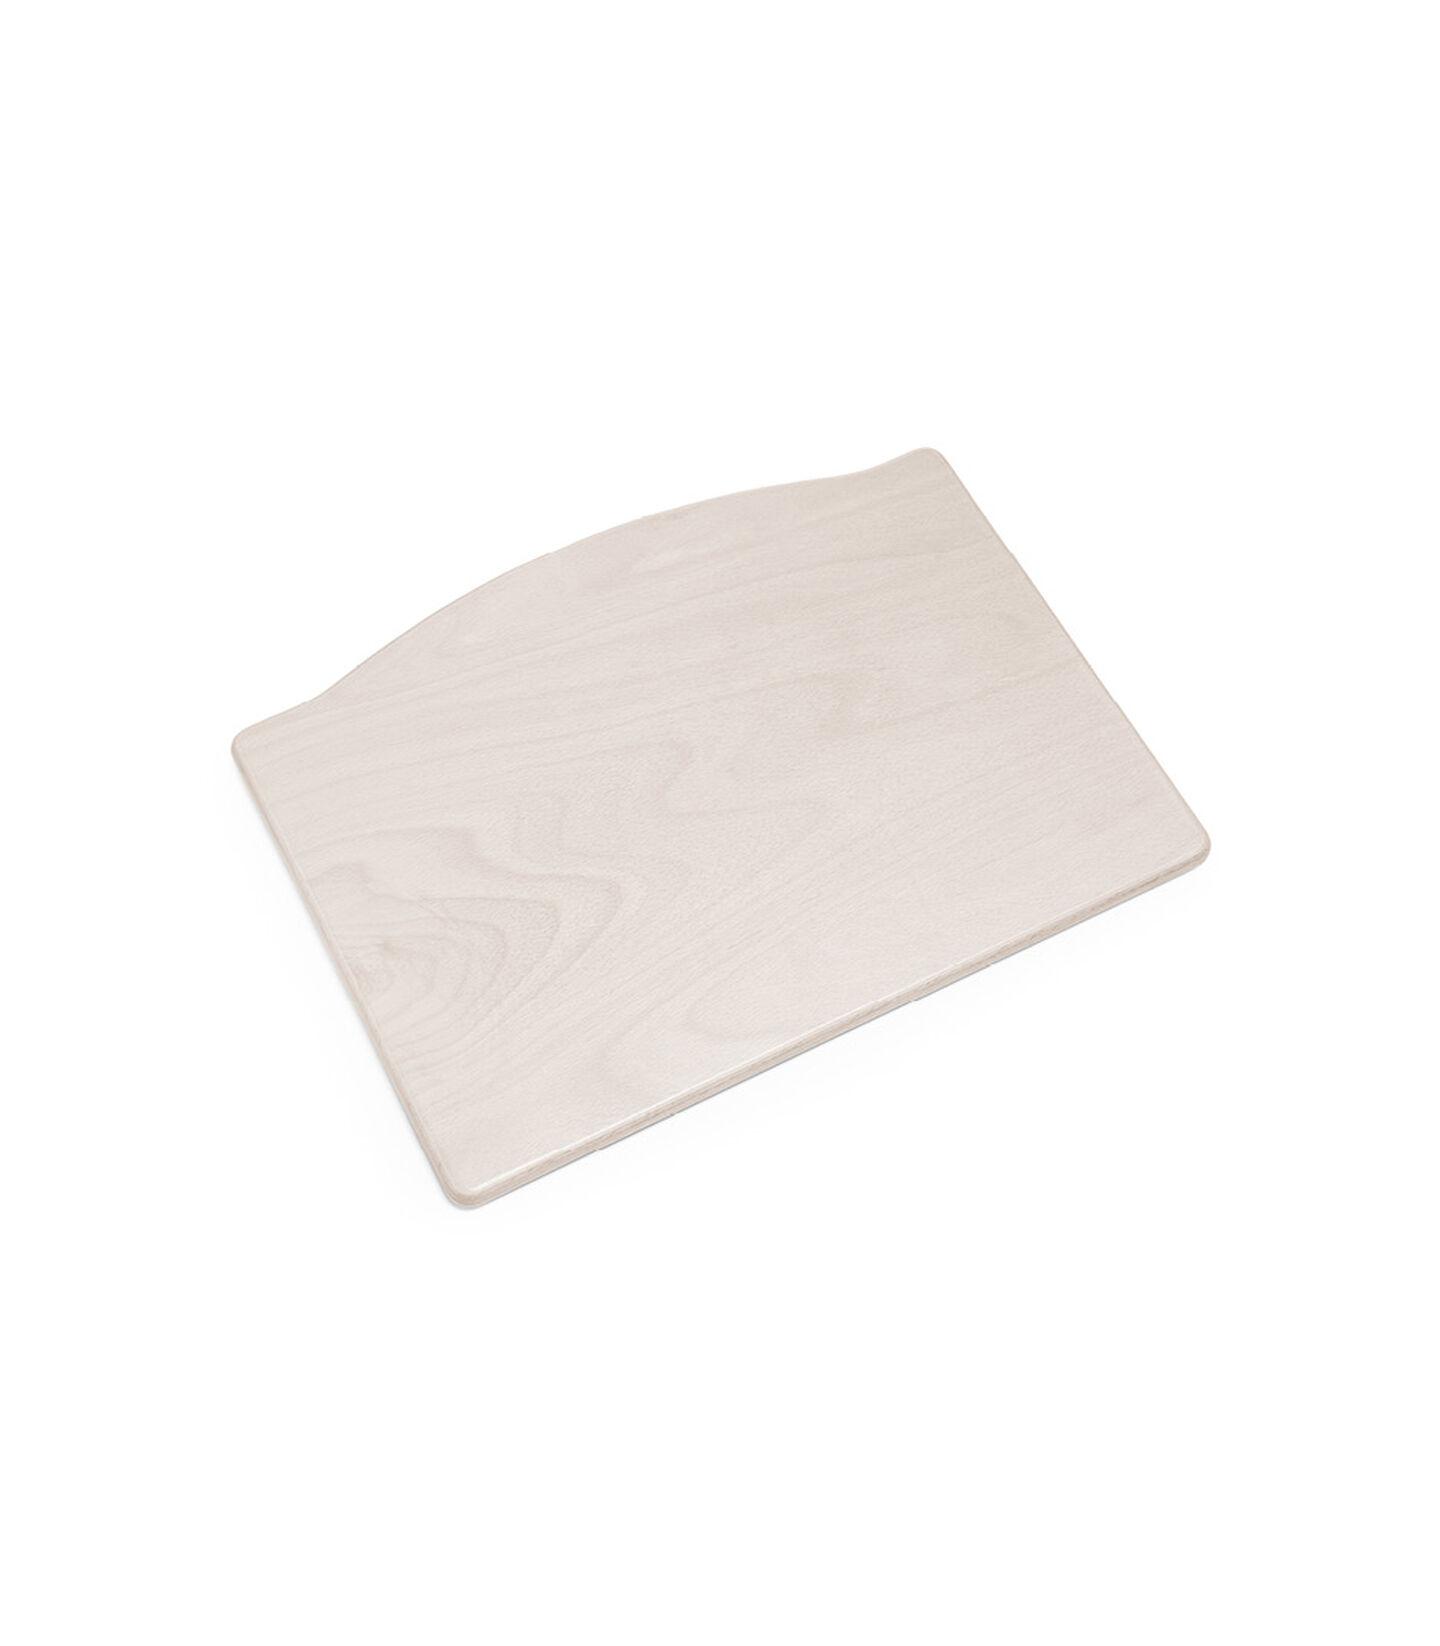 Tripp Trapp® Fußteller Whitewash, Whitewash, mainview view 1